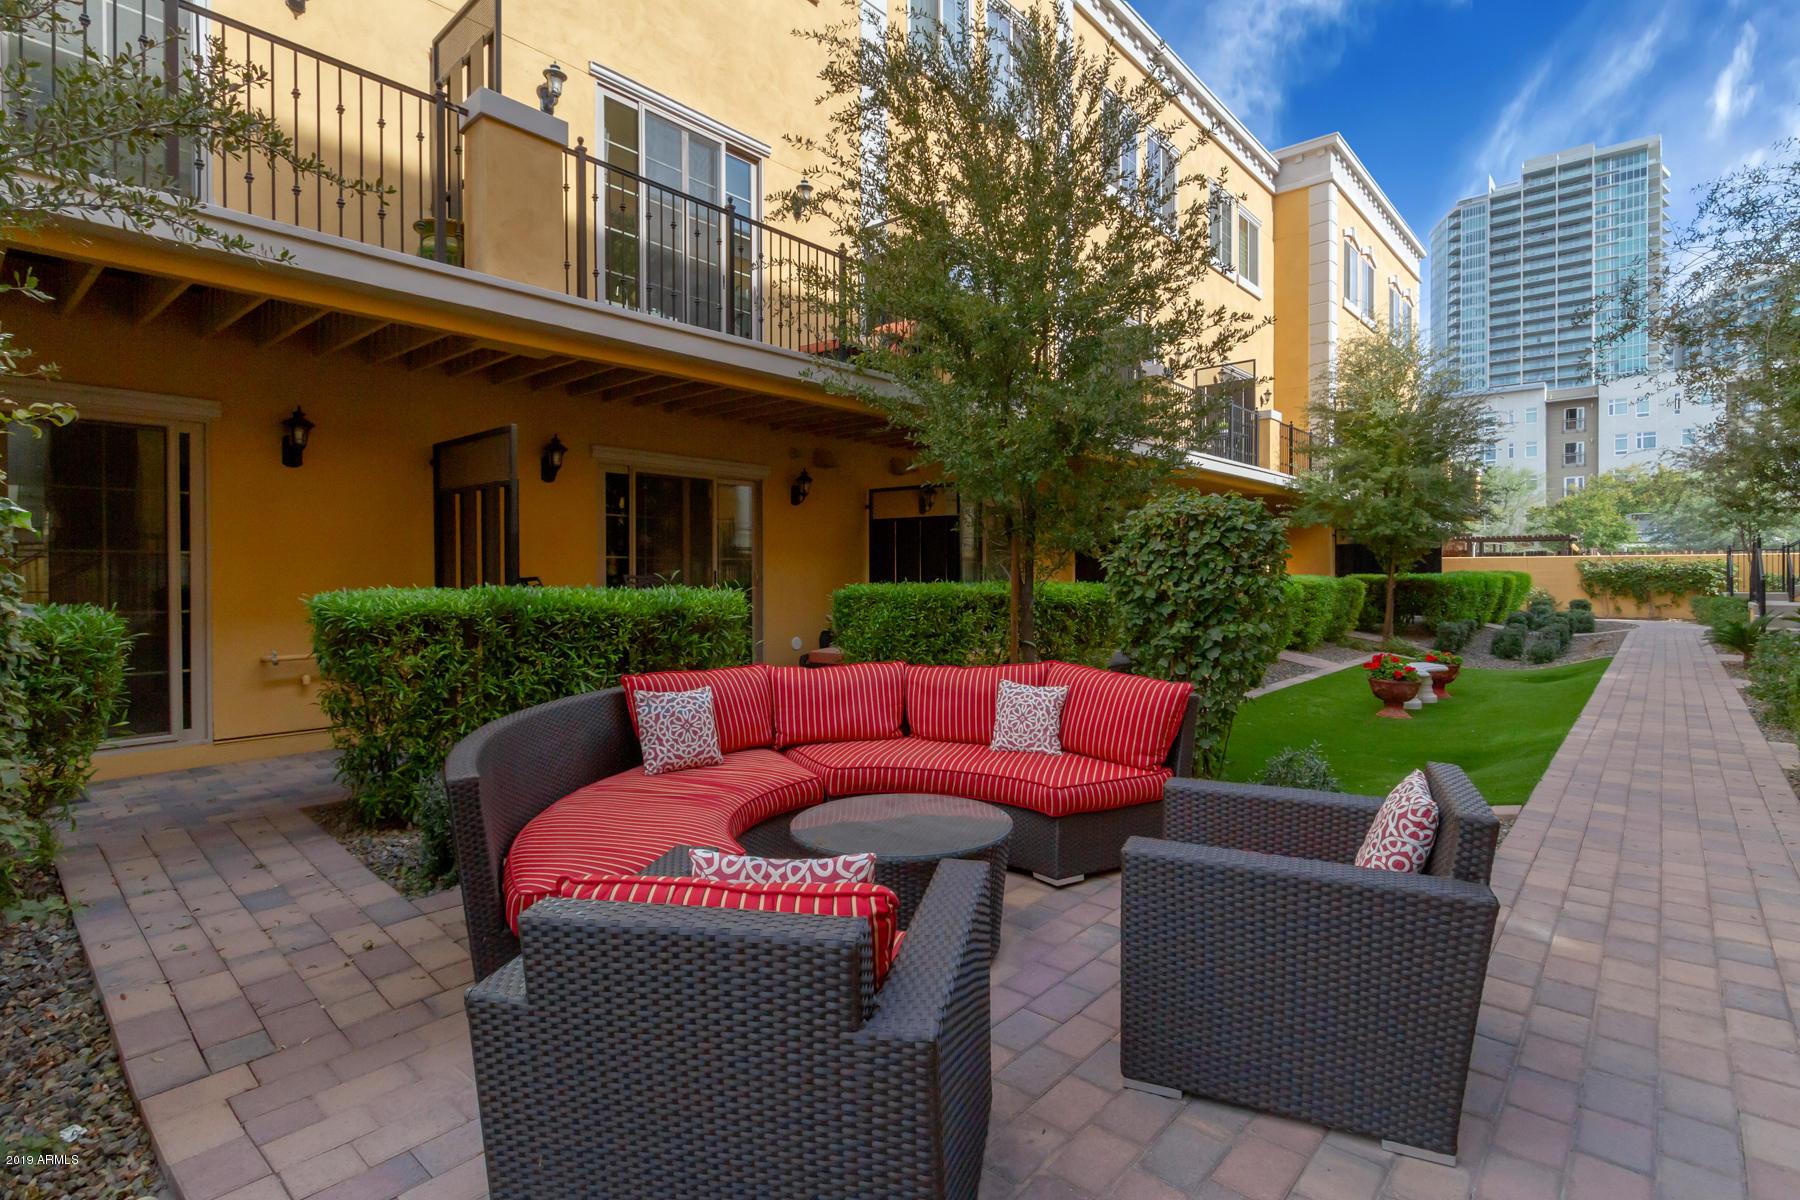 MLS 5877120 421 W 6TH Street Unit 1004, Tempe, AZ 85281 Tempe AZ Newly Built